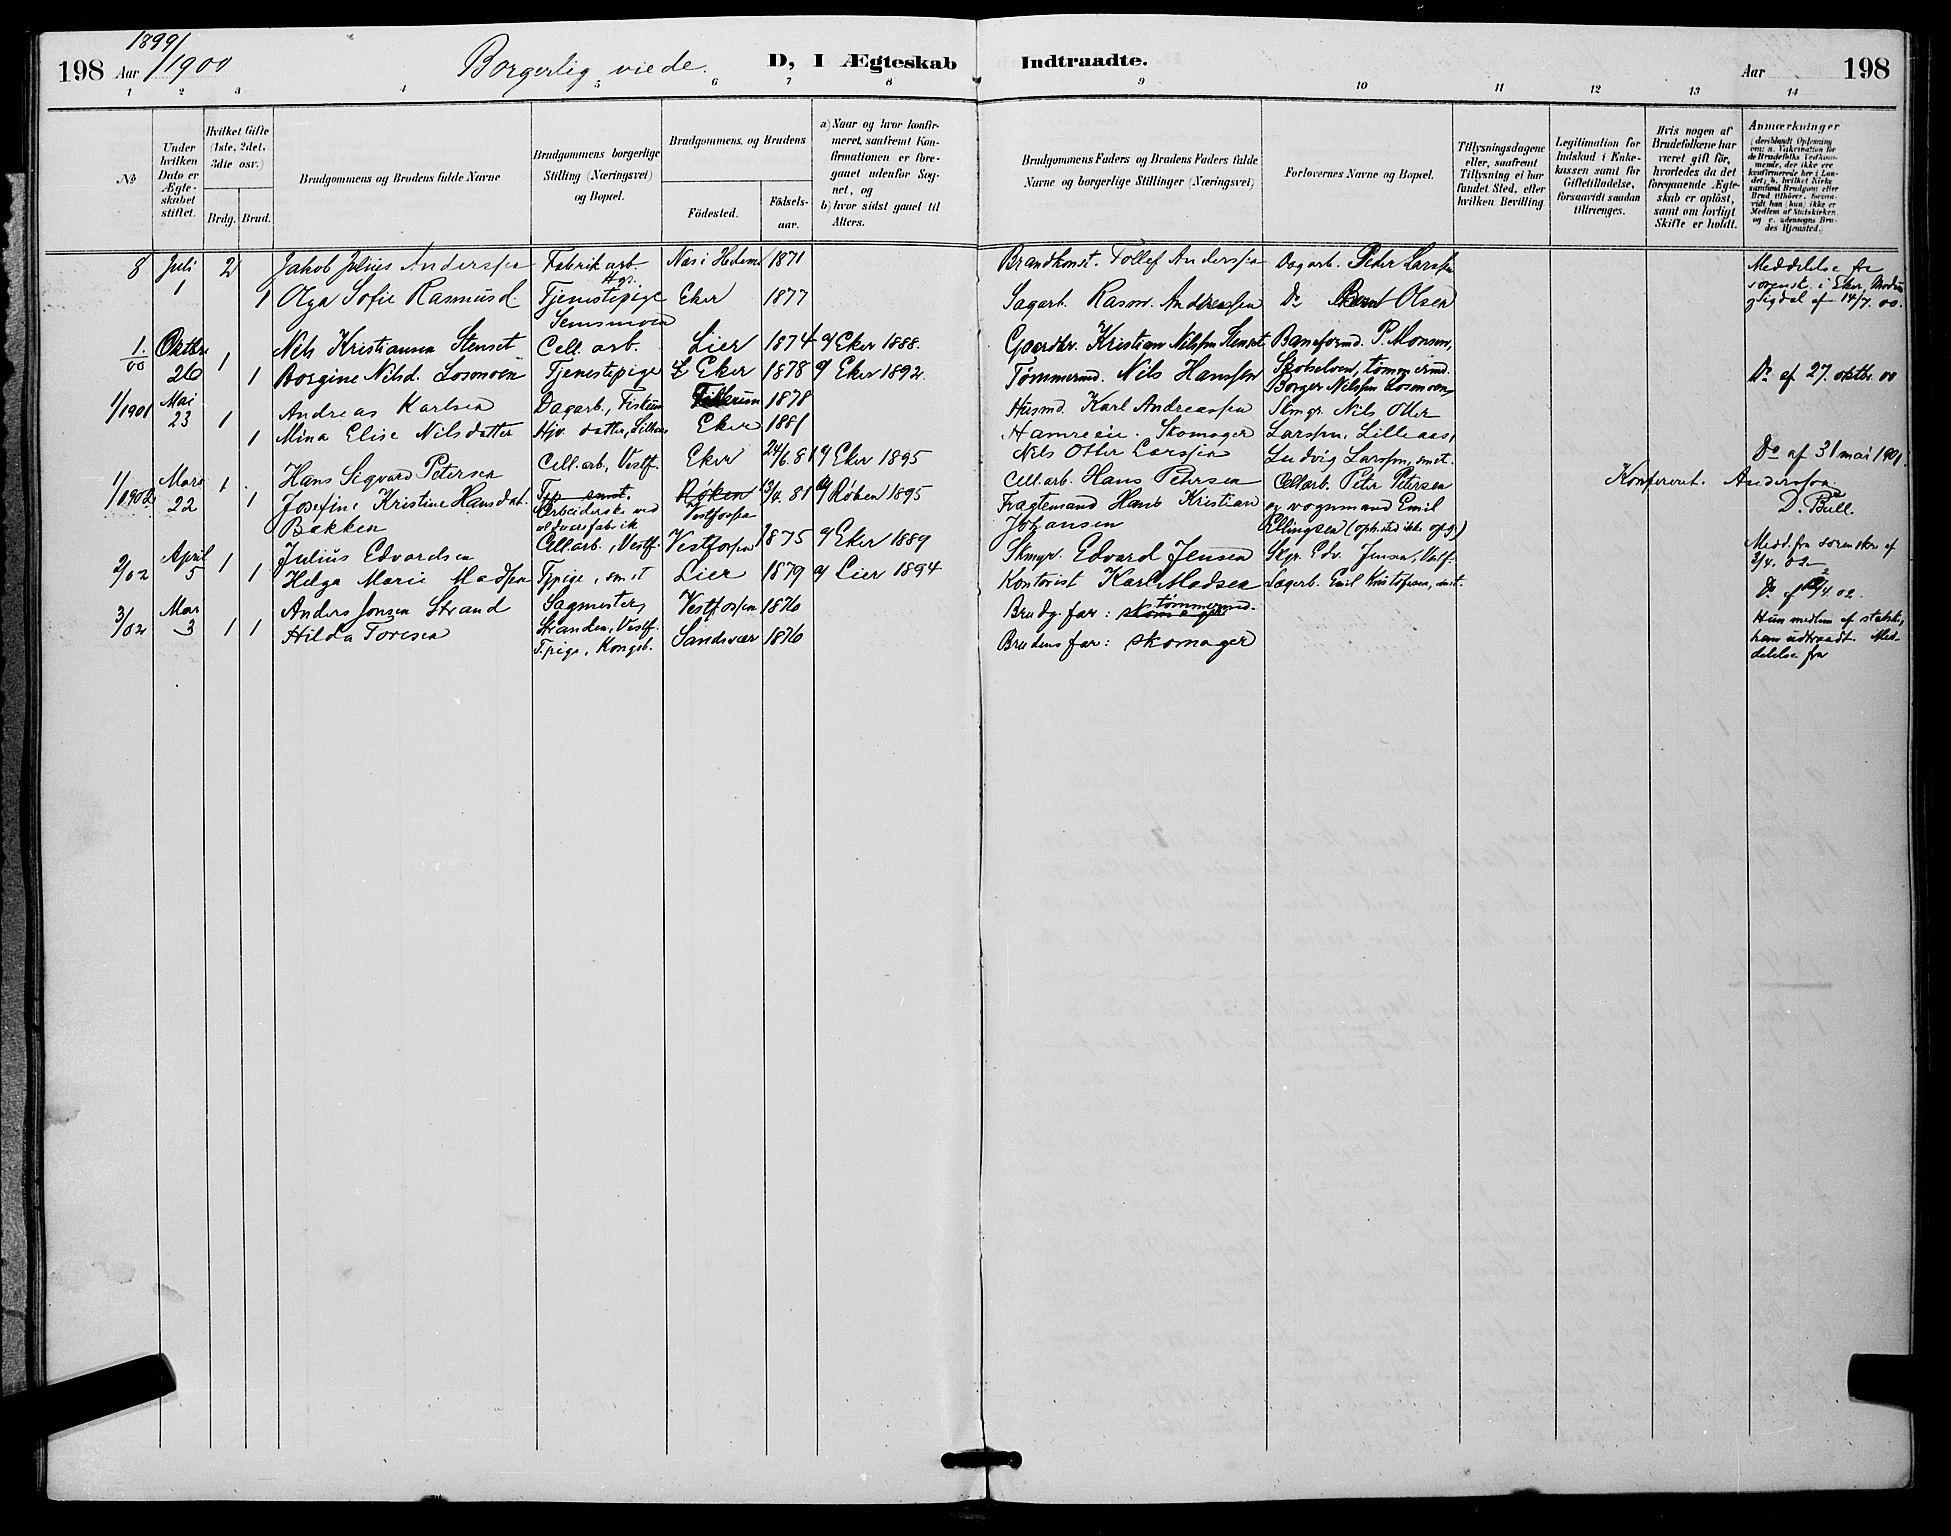 SAKO, Eiker kirkebøker, G/Ga/L0007: Klokkerbok nr. I 7, 1893-1902, s. 198